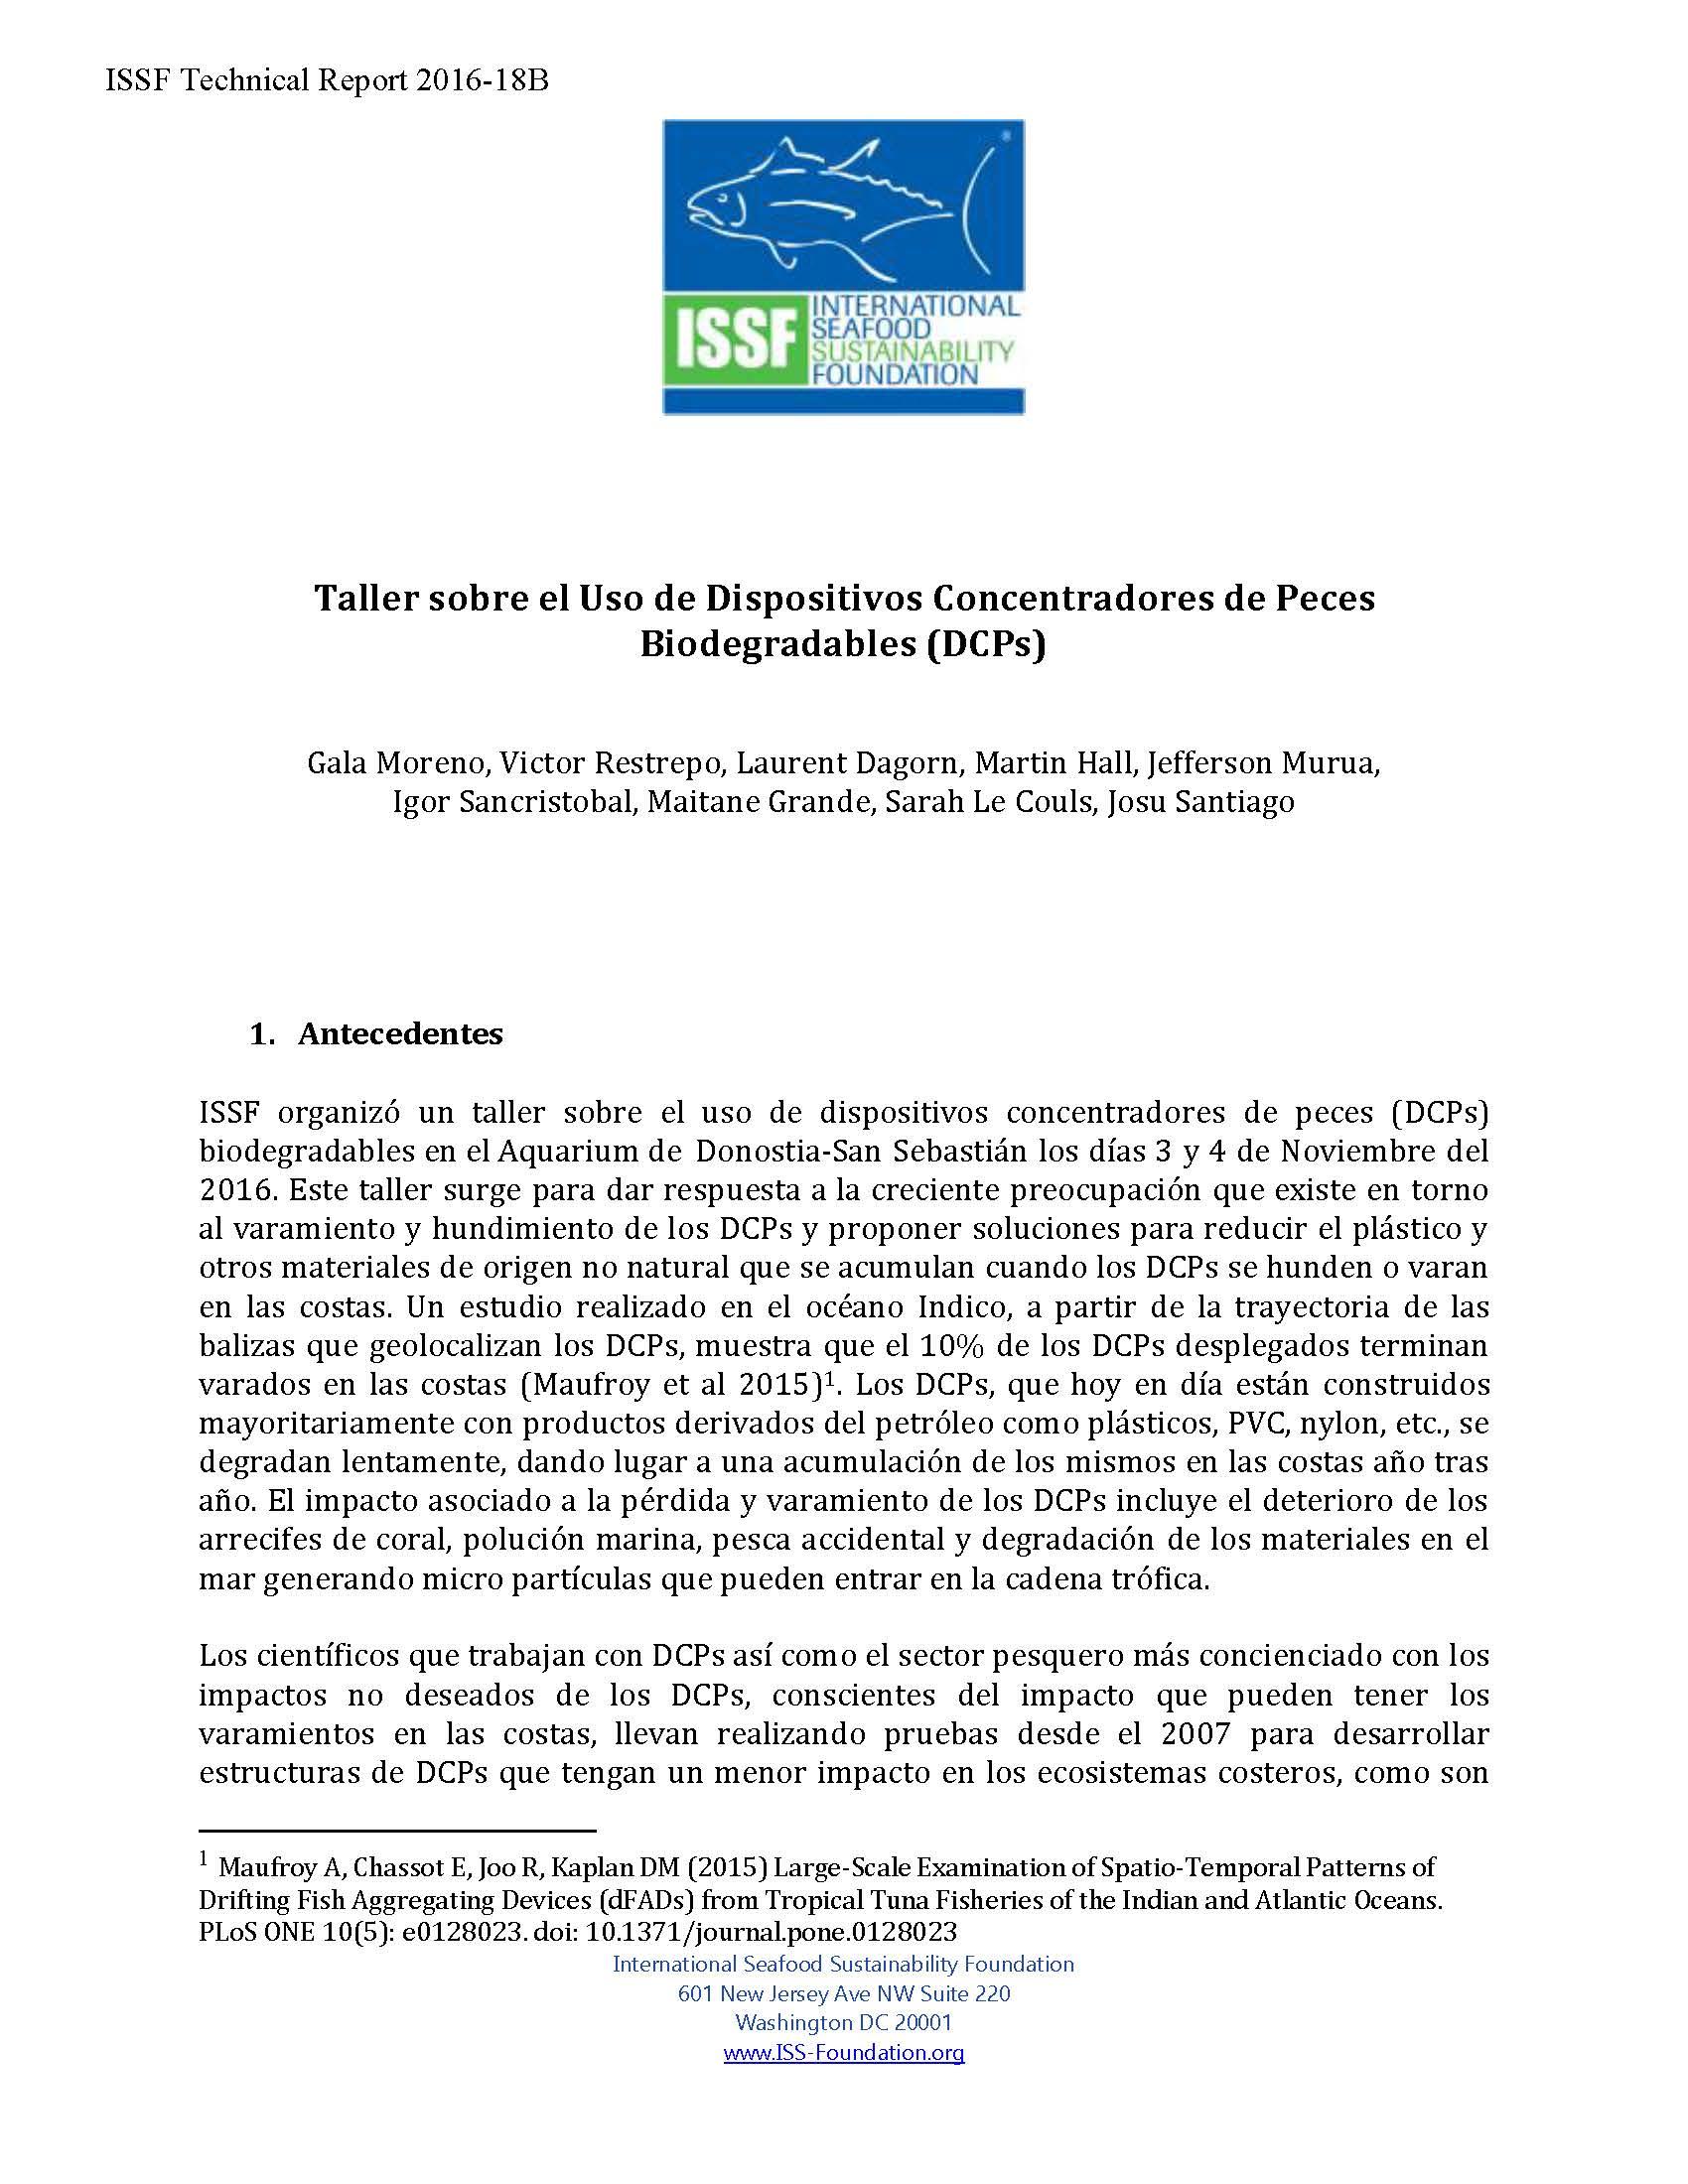 issf-2016-18b-taller-sobre-el-uso-de-dispositivos-concentradores-de-peces-biodegradables_page_01